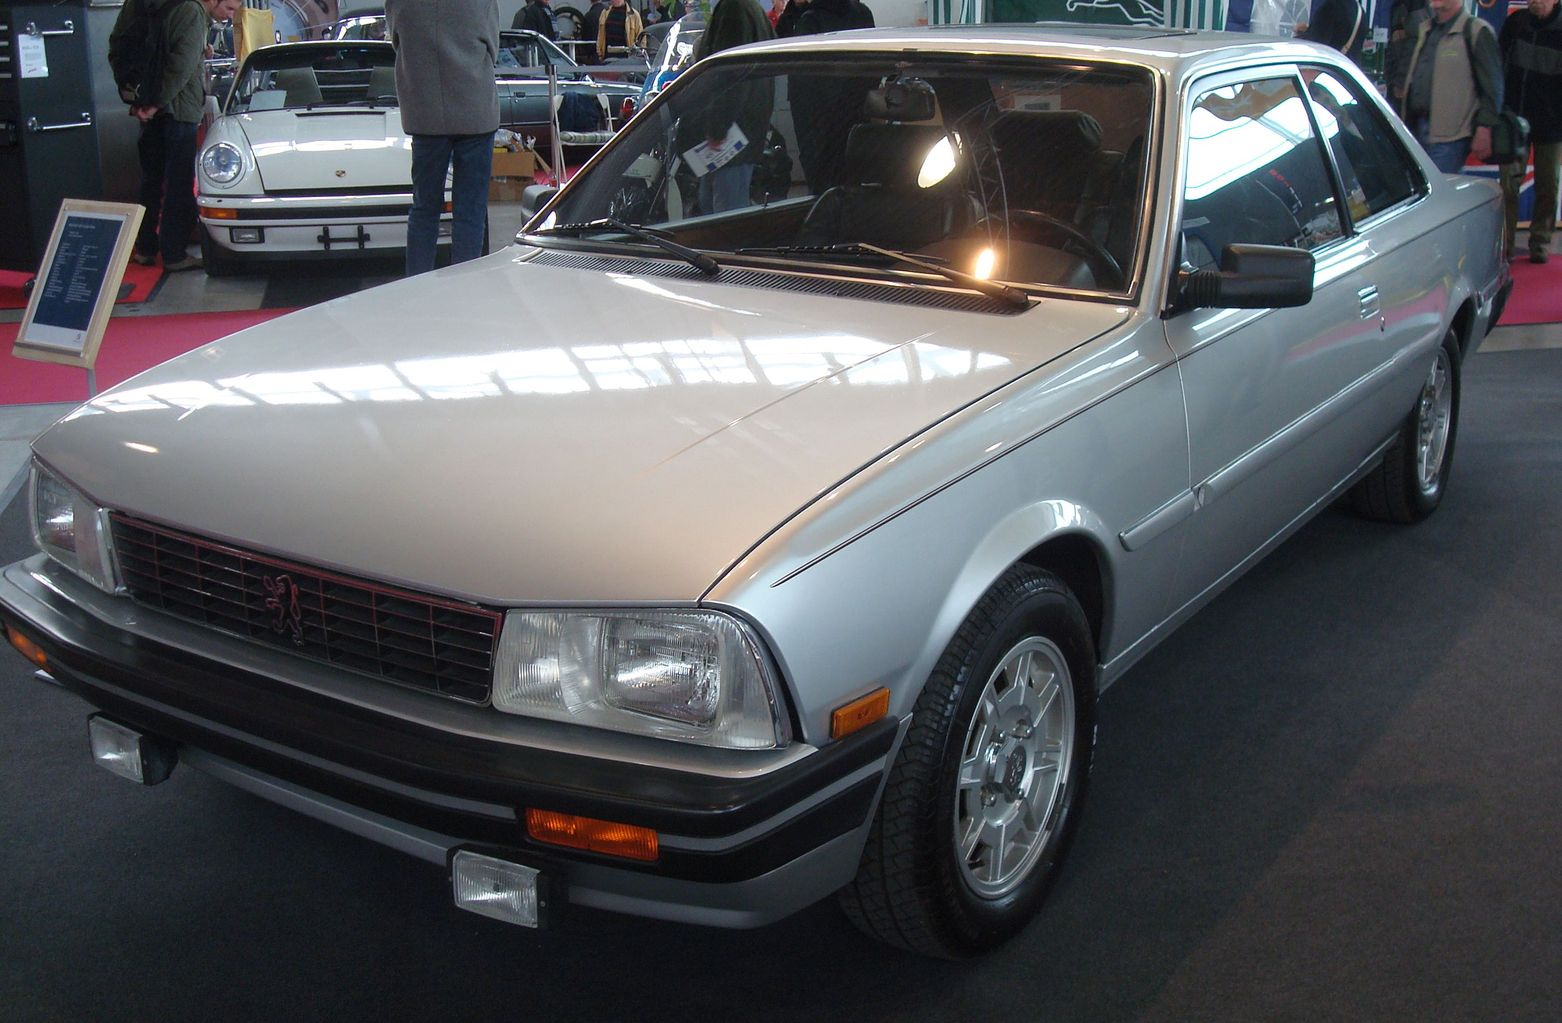 peugeot 505 coupe stuttgart retro classic 2010 101 voiture de tourisme peugeot france. Black Bedroom Furniture Sets. Home Design Ideas